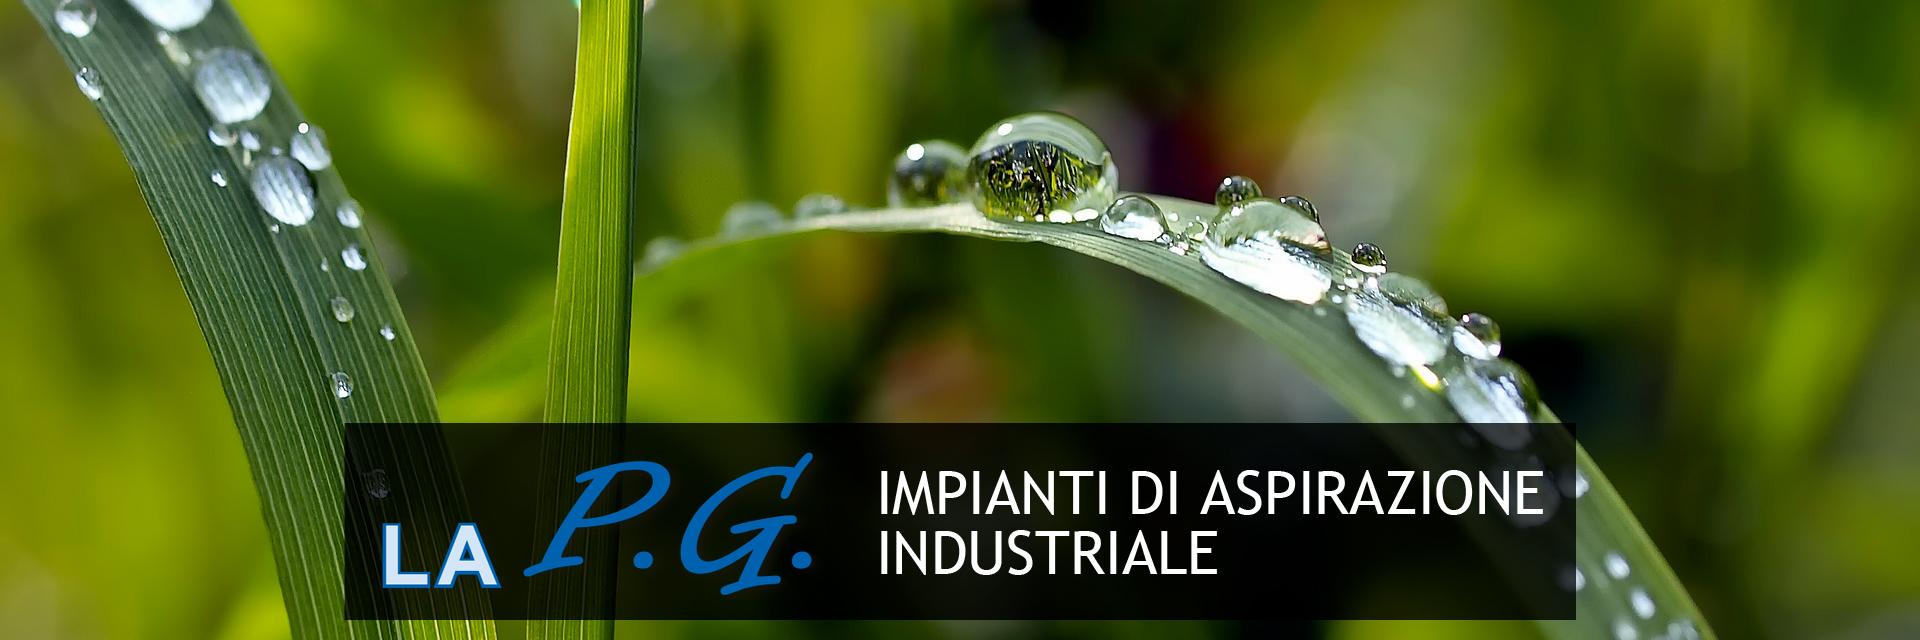 LAPG impianti di aspirazione industriale